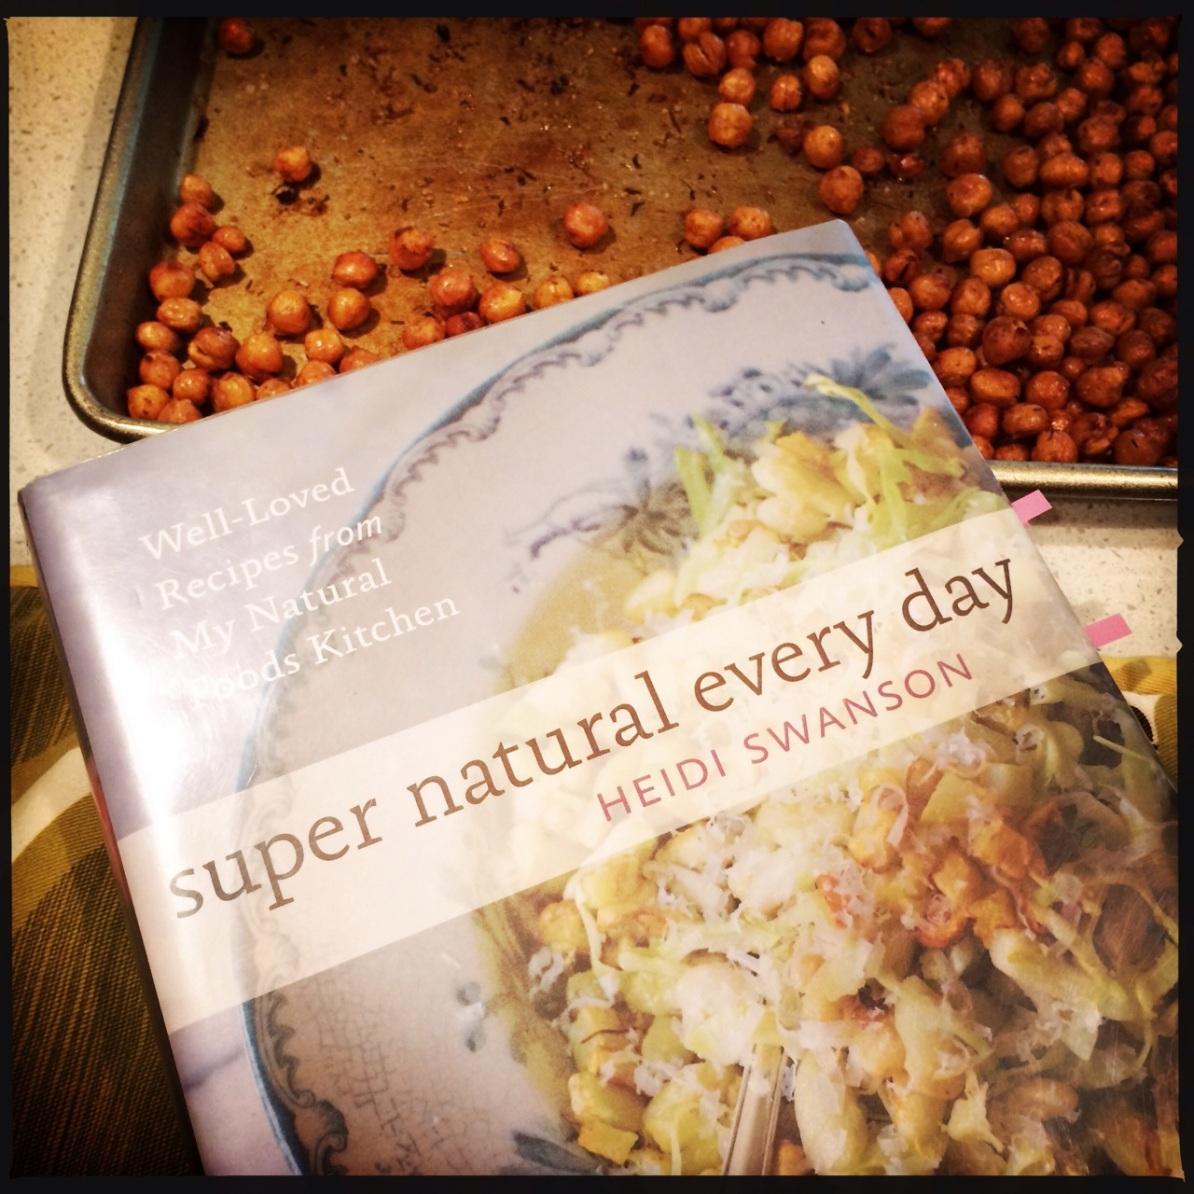 vegetarian meal plan - october 17, 2013 | aneelee.wordpress.com